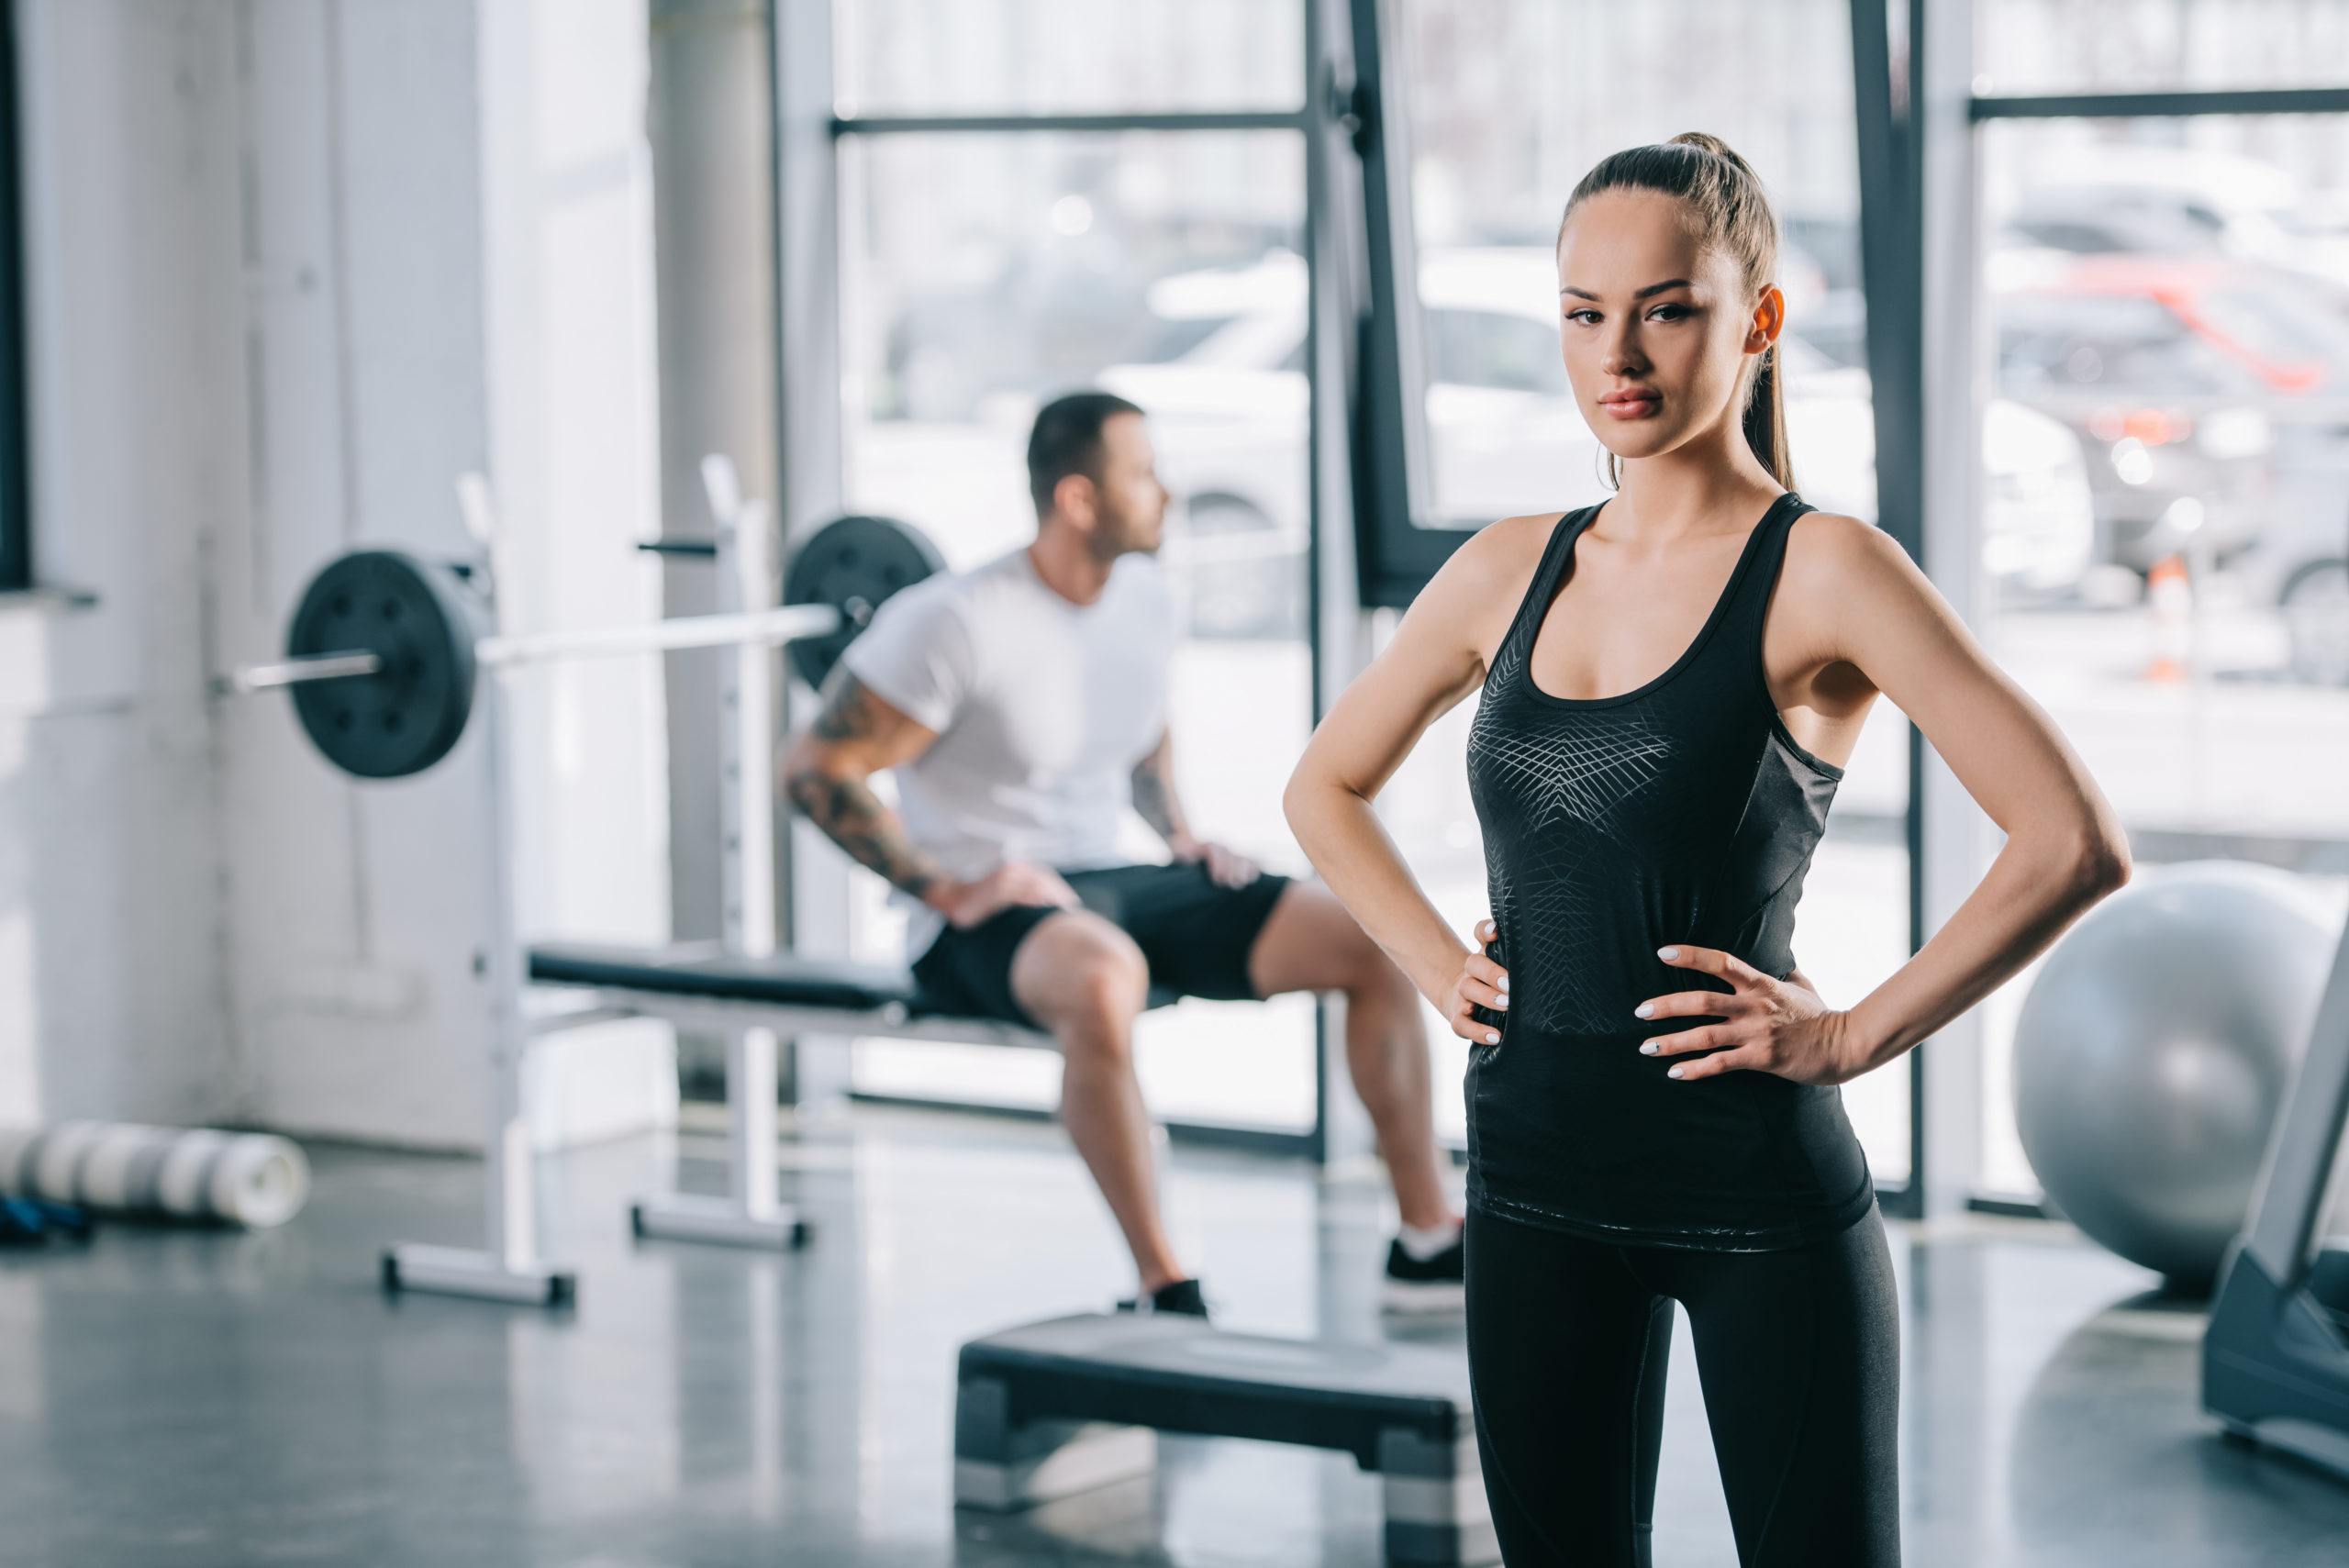 kobieta i mężczyzna na siłowni; jak wybrać kurs na trenera persnalnego